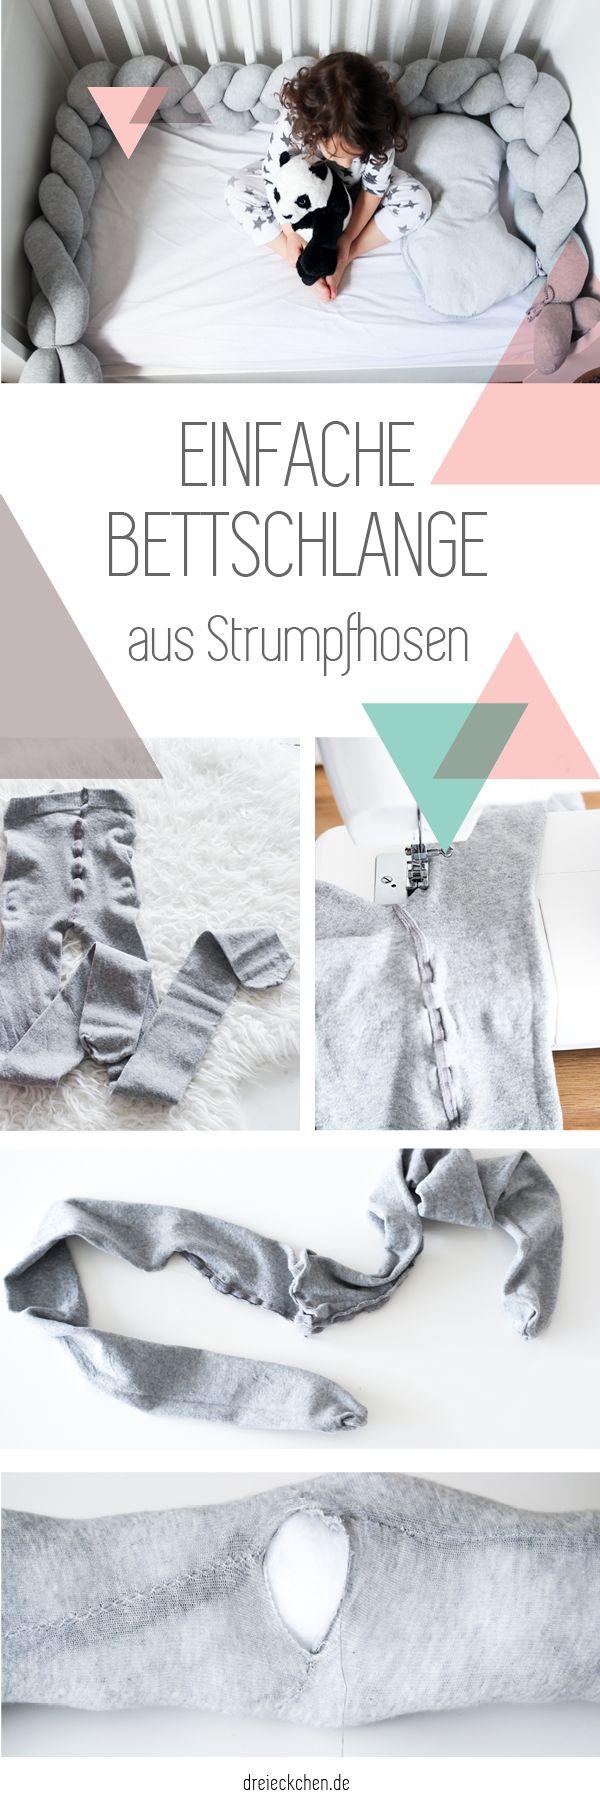 Aus Strumpfhosen eine geflochtene Strumpfhose machen – DIY-Idee für ein Kinderzimmer   – family #blogstlove